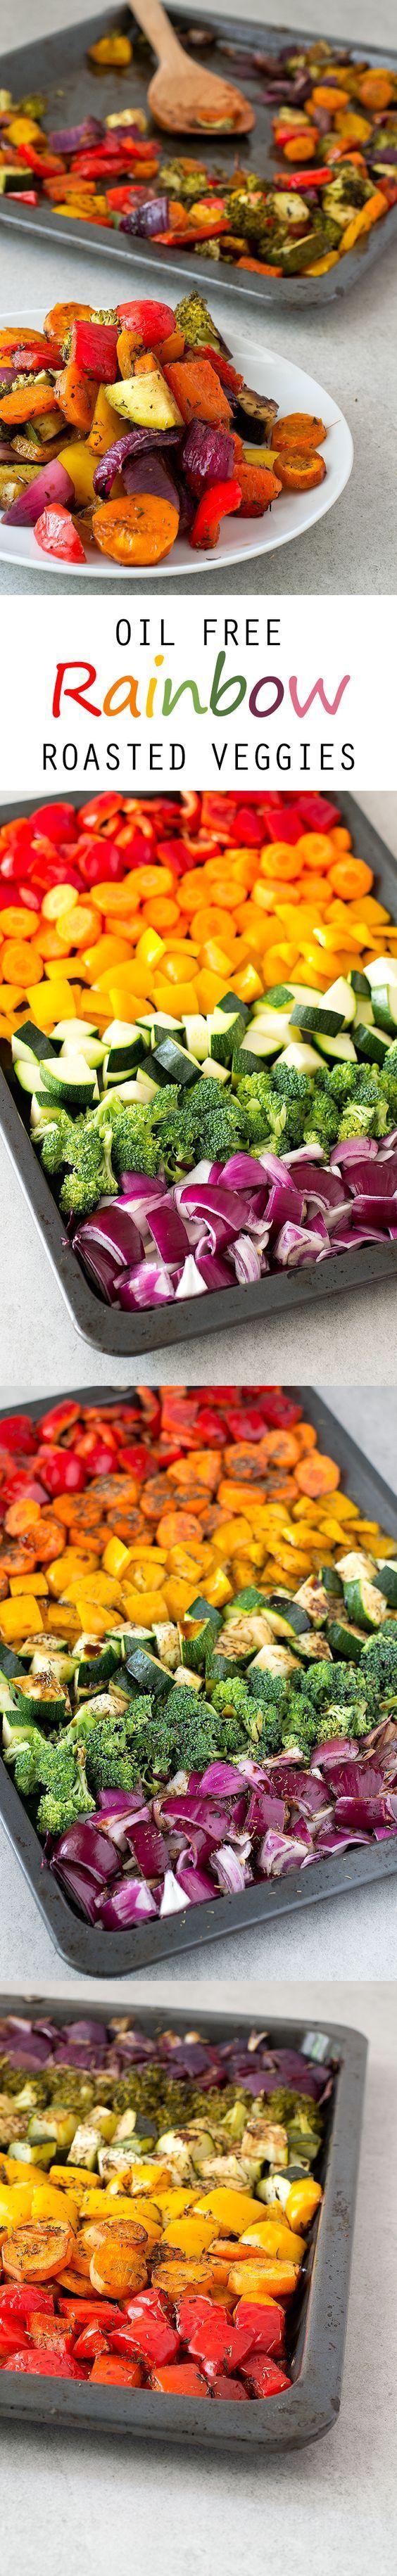 Oil Free Rainbow Roasted Vegetables | My Good Taste